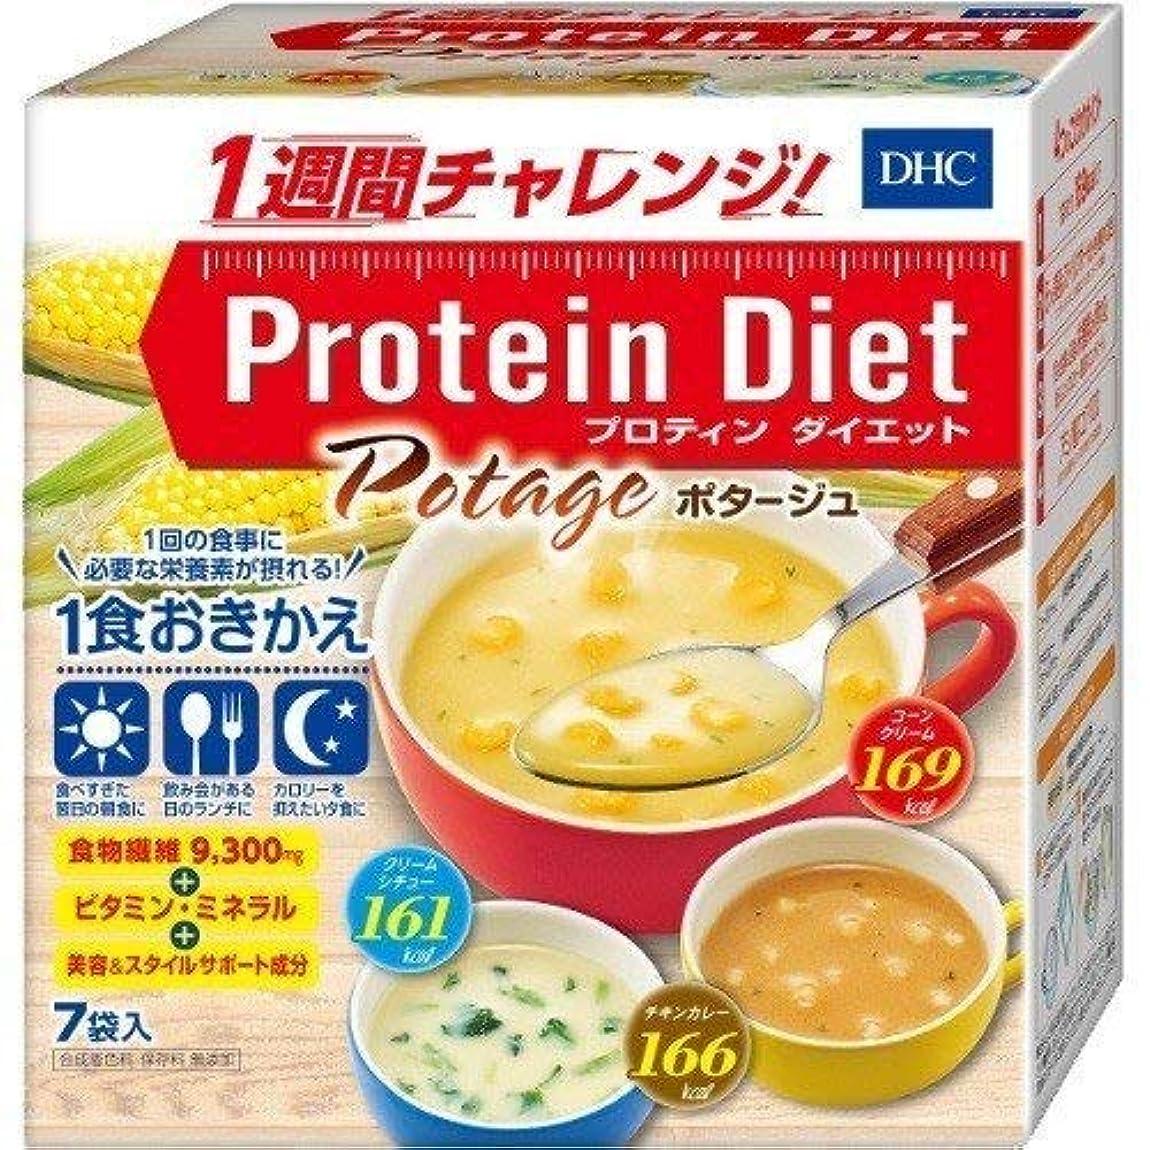 故国農場センチメートルDHC 健康食品相談室 DHC プロティンダイエット ポタージュ 7袋入 4511413406366